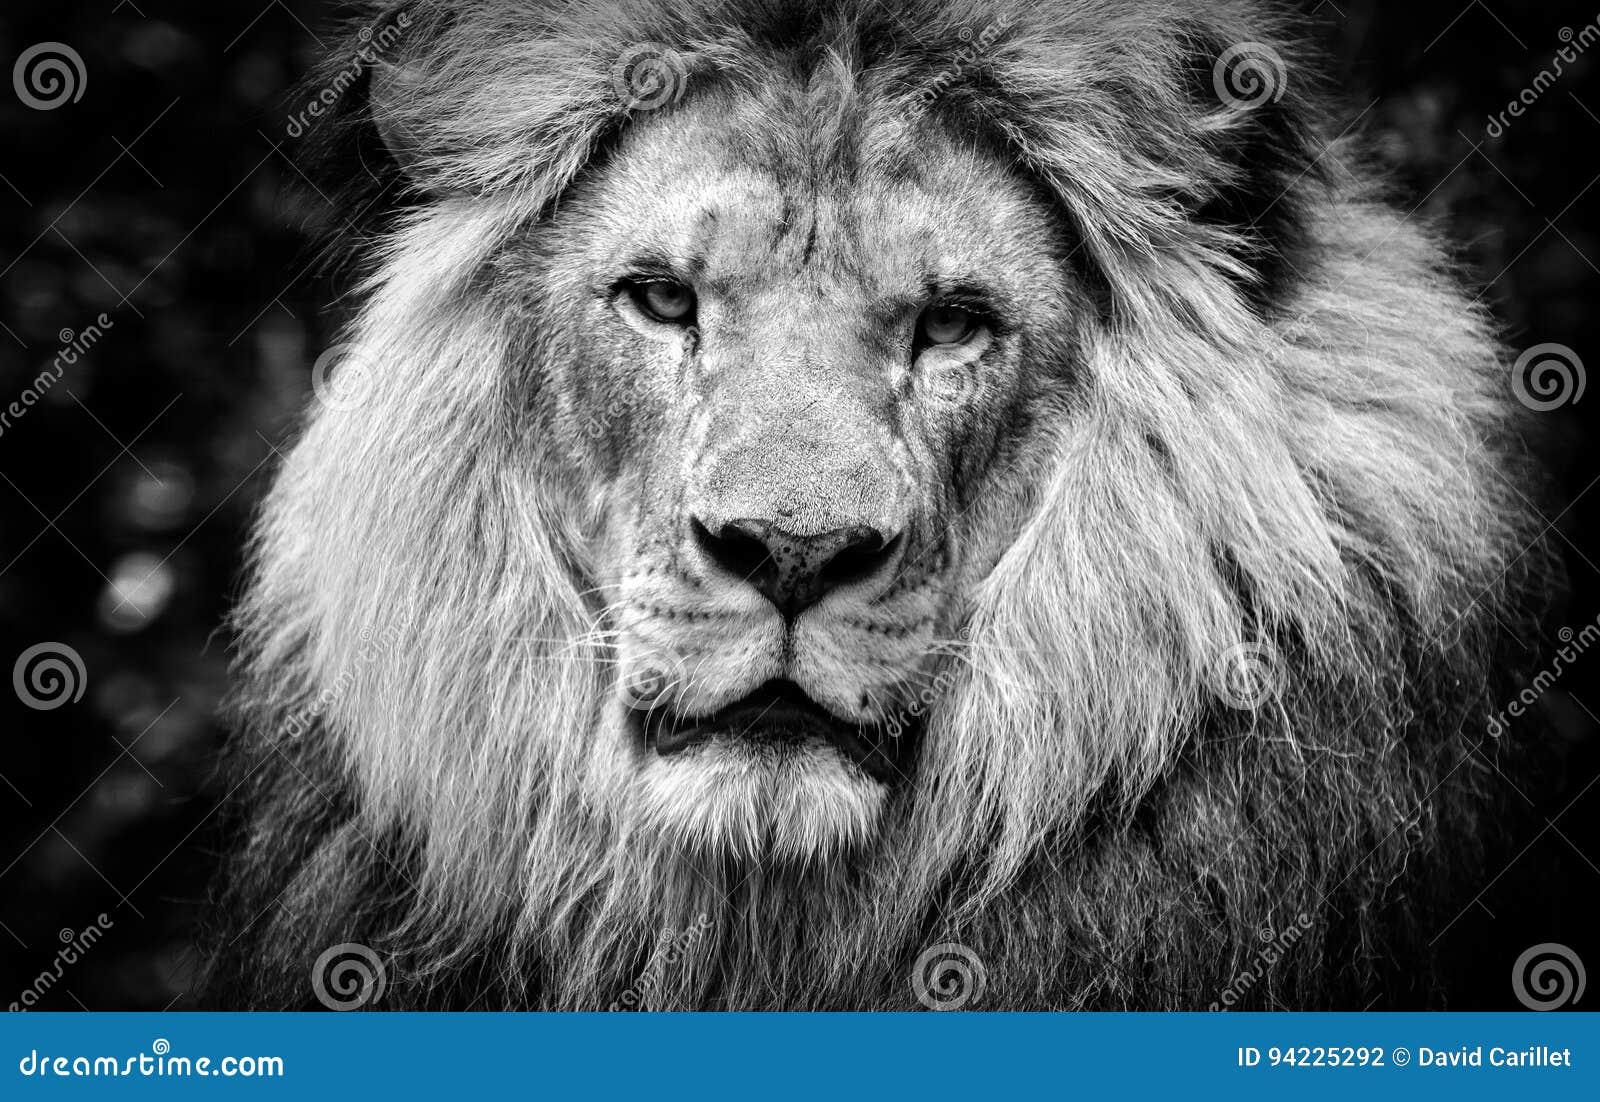 Сверхконтрастное черно-белое мужской африканской стороны льва